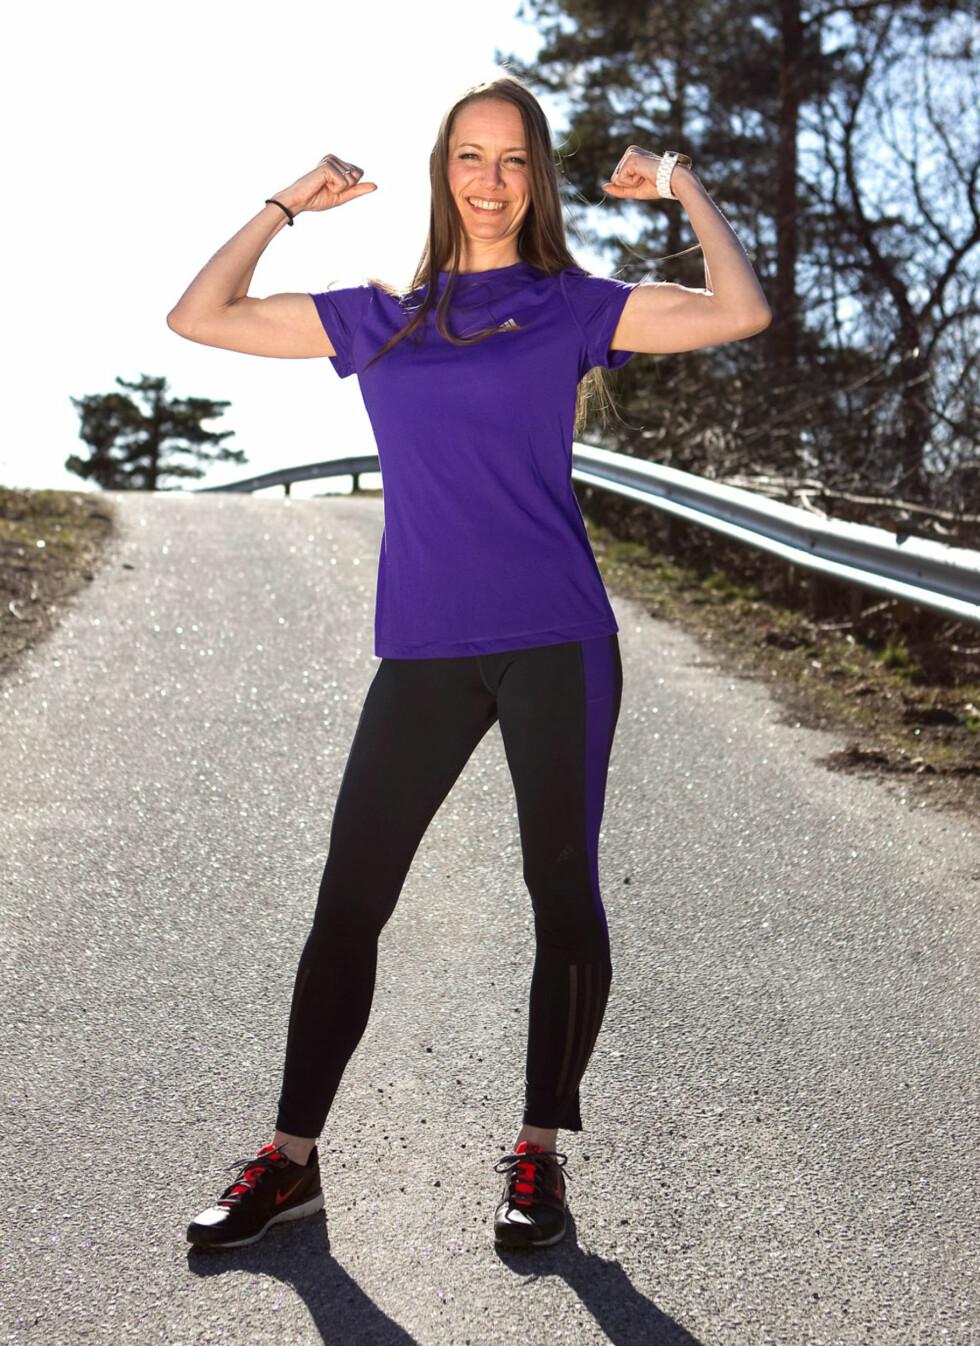 FULL AV KRUTT: -Jeg prøver å få tid til å trene, som å løpe eller drive yoga, sier Camilla.  Foto: Alf Øystein Støtvig